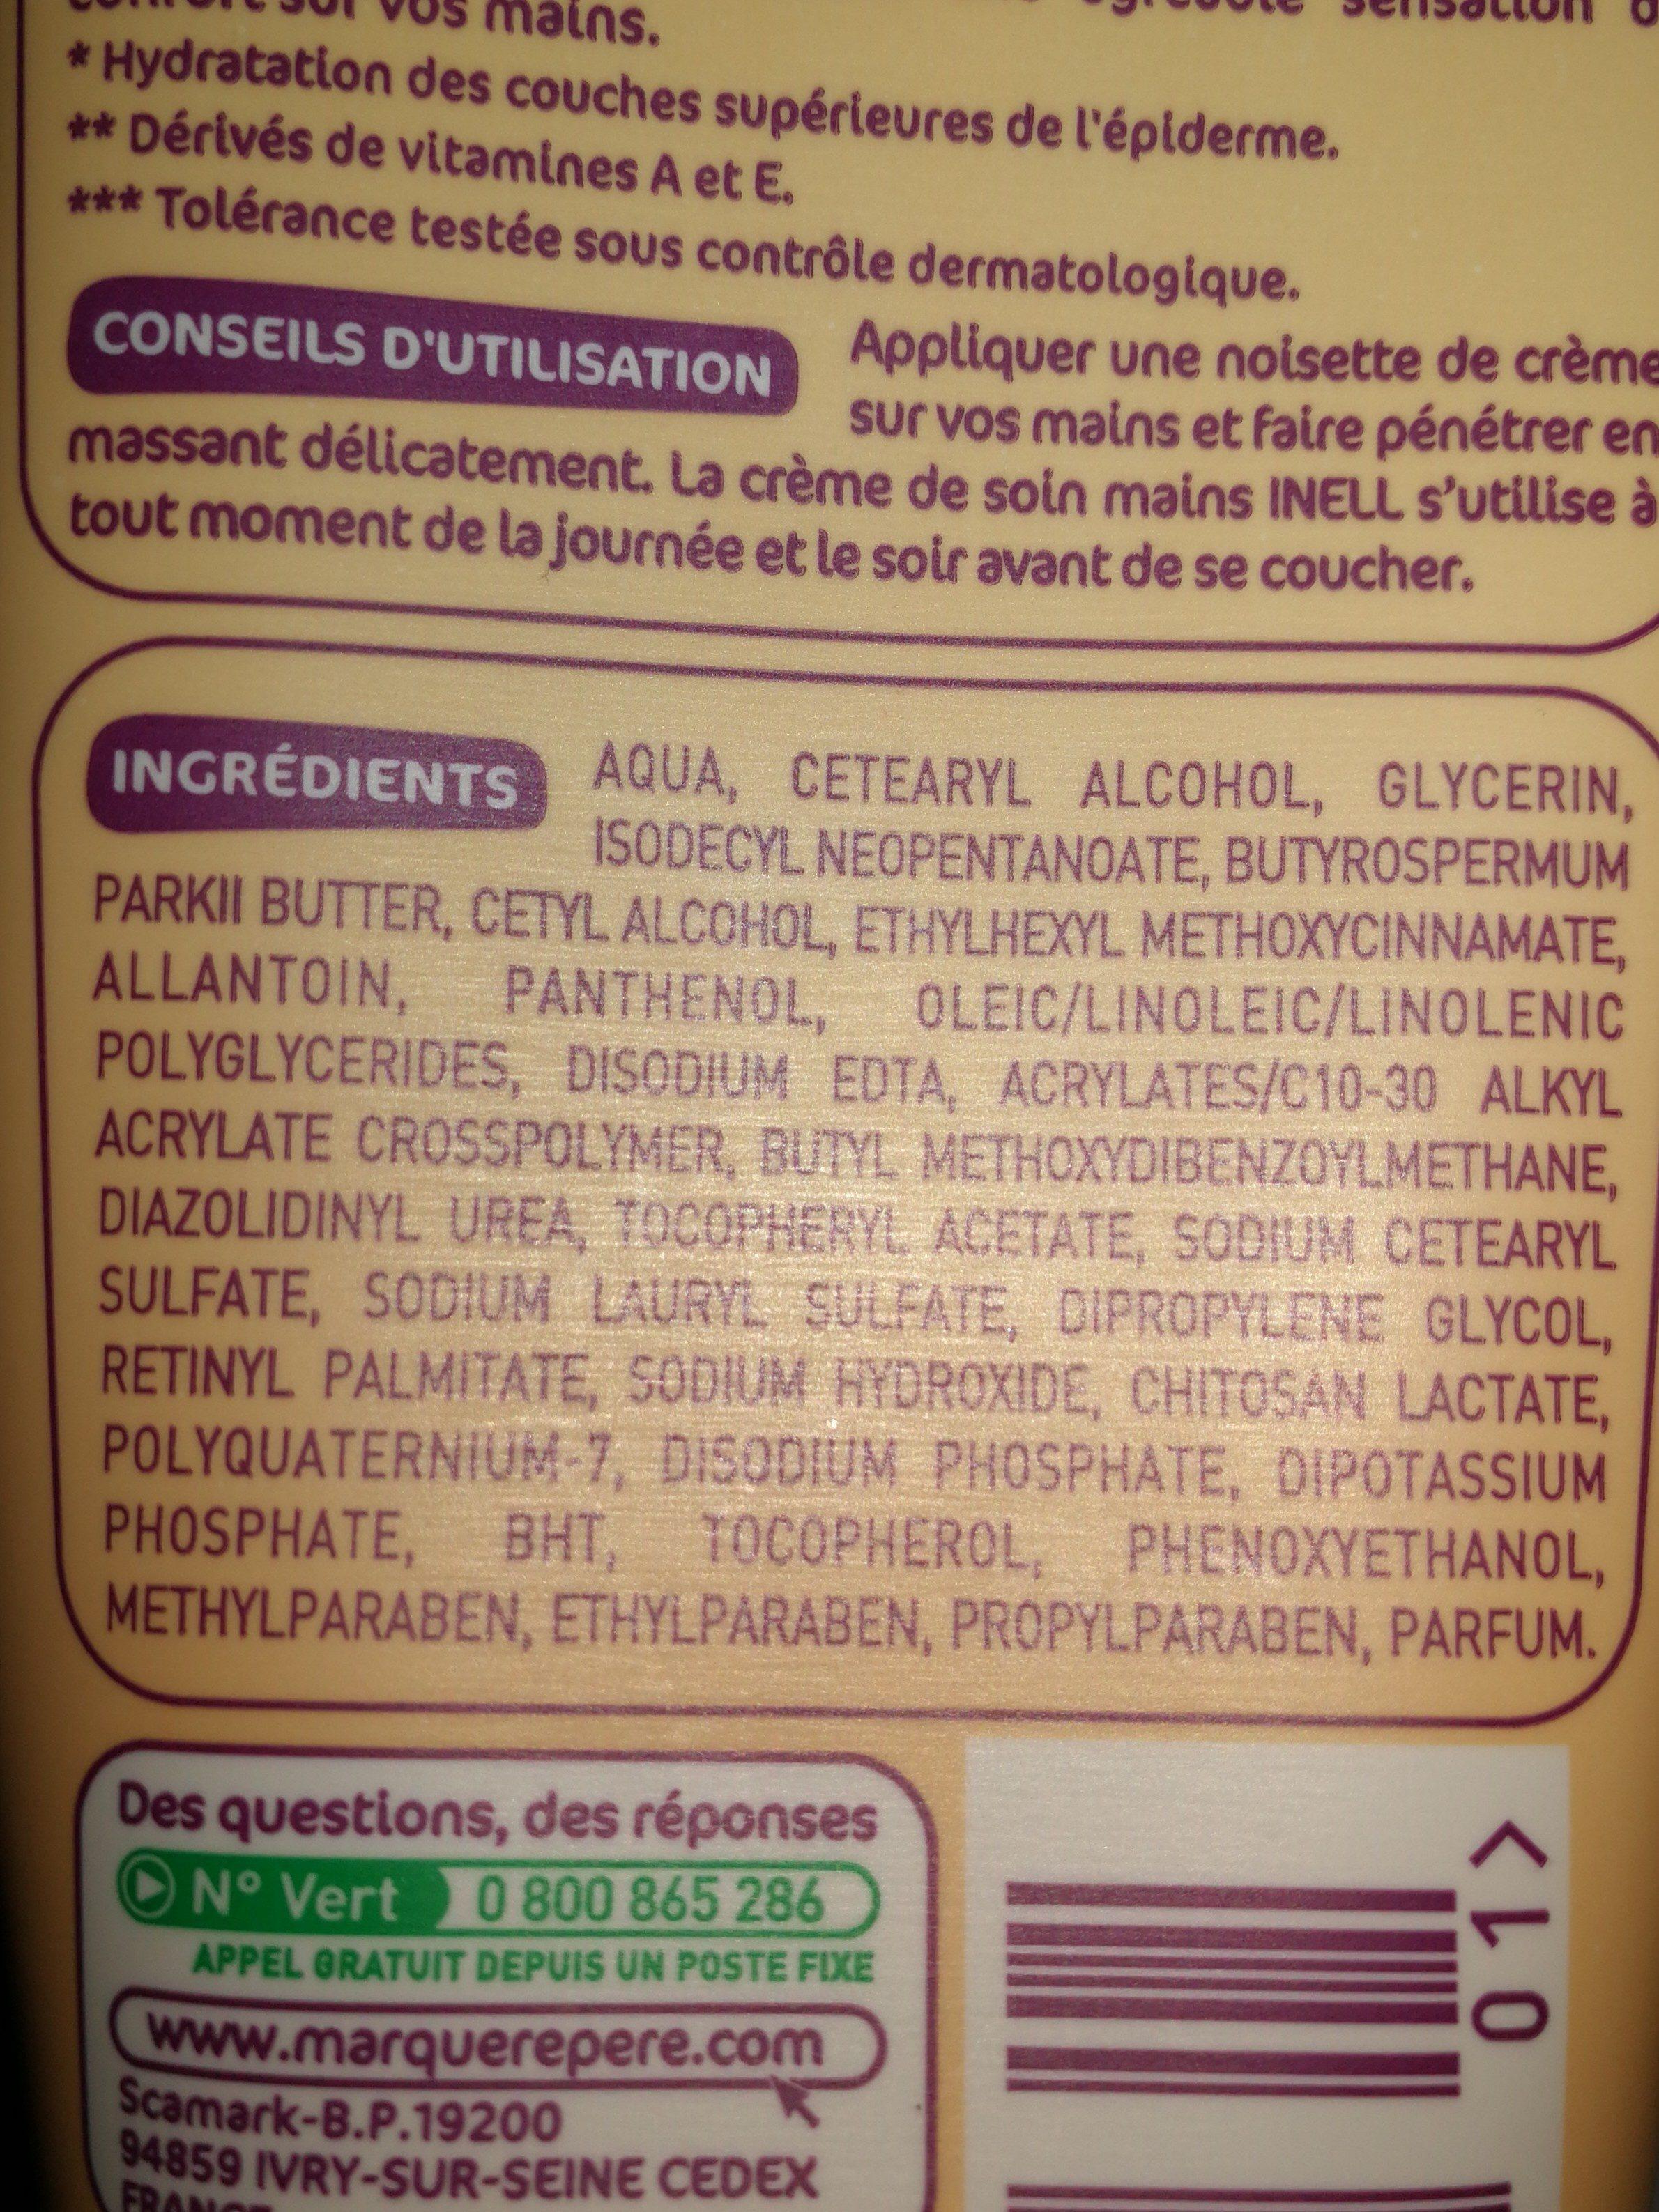 Crème de soin Mains peaux sèches - Ingrédients - fr